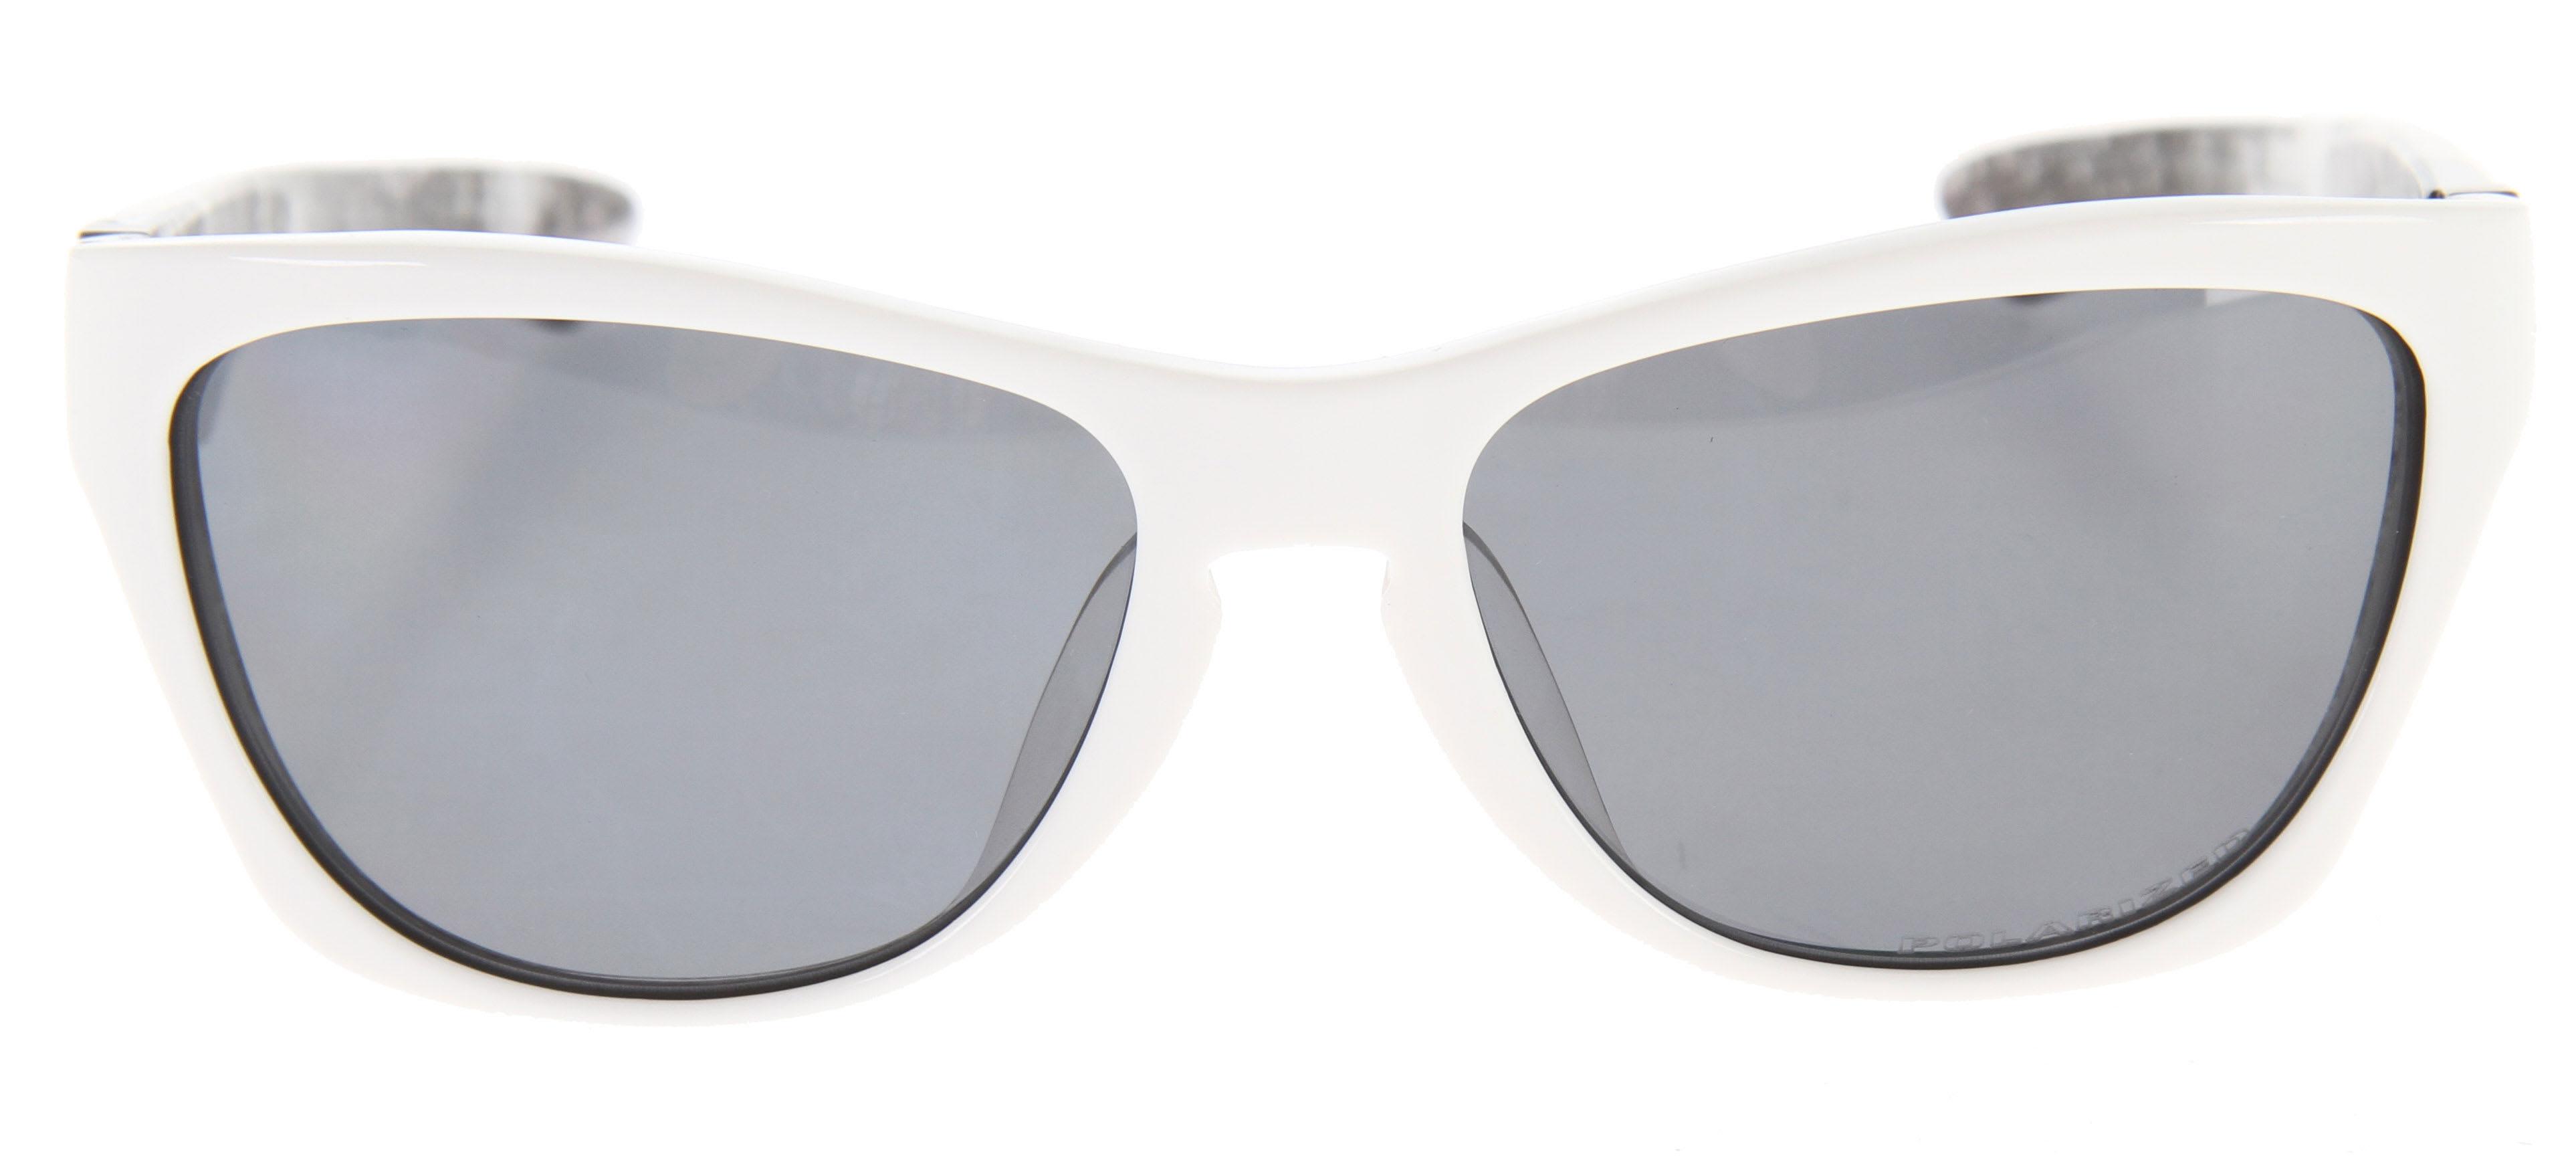 6e45e7c371 Sunglasses Jupiter Oakley Review « Heritage Malta